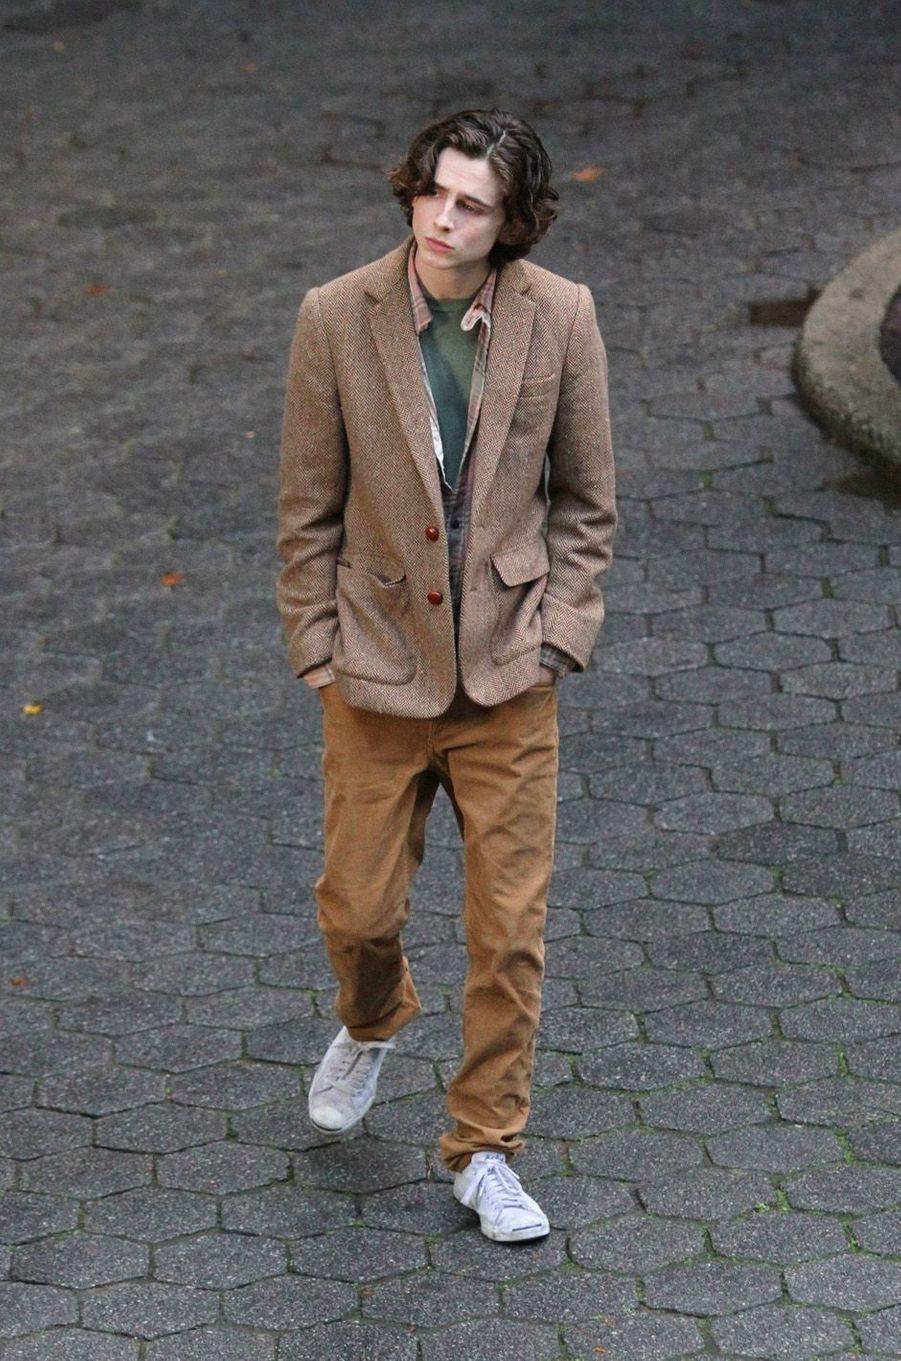 Timothée Chalametsur le tournage du nouveau film de Woody Allen, à New York le 26 septembre 2017.